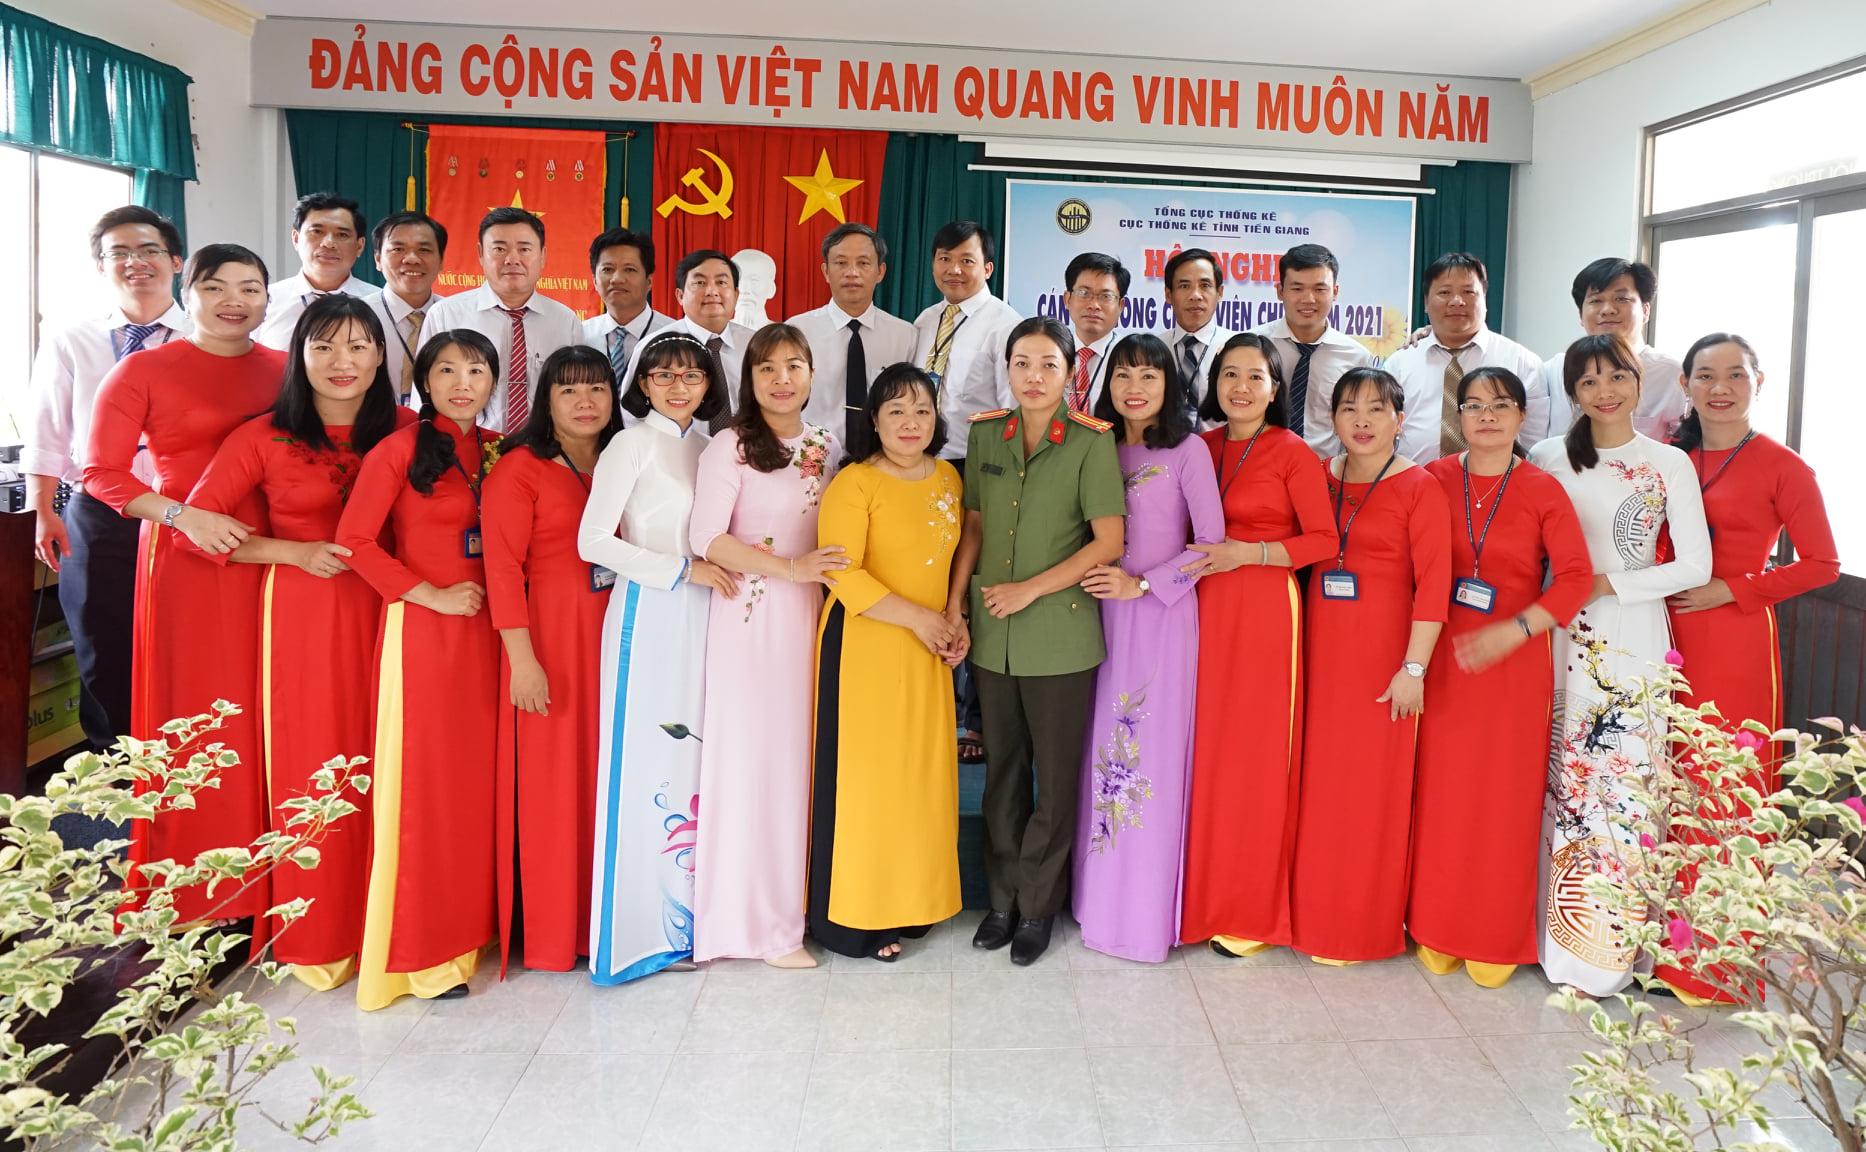 Hội nghị cán bộ, công chức, viên chức Cục Thống kê tỉnh Tiền Giang năm 2021